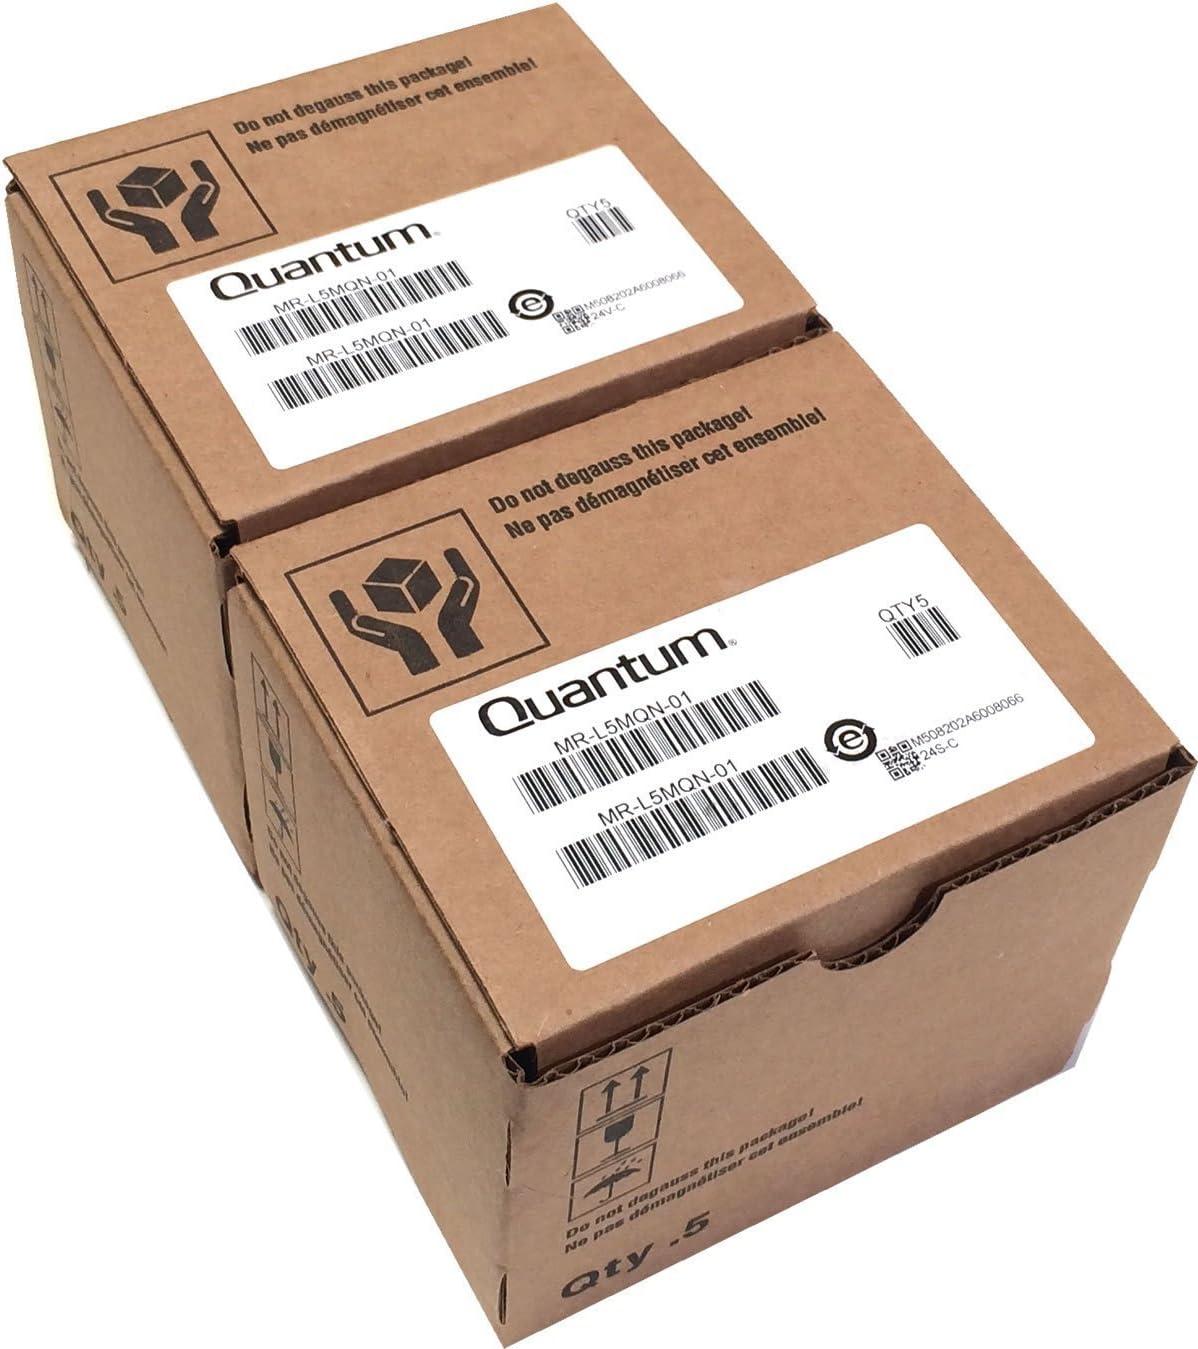 QUANTUM LTO-5 MR-L5MQN-01 ULTRIUM CARTRIDGES 1.5TB 3TB LTO5 TAPES 10 PACK NEW